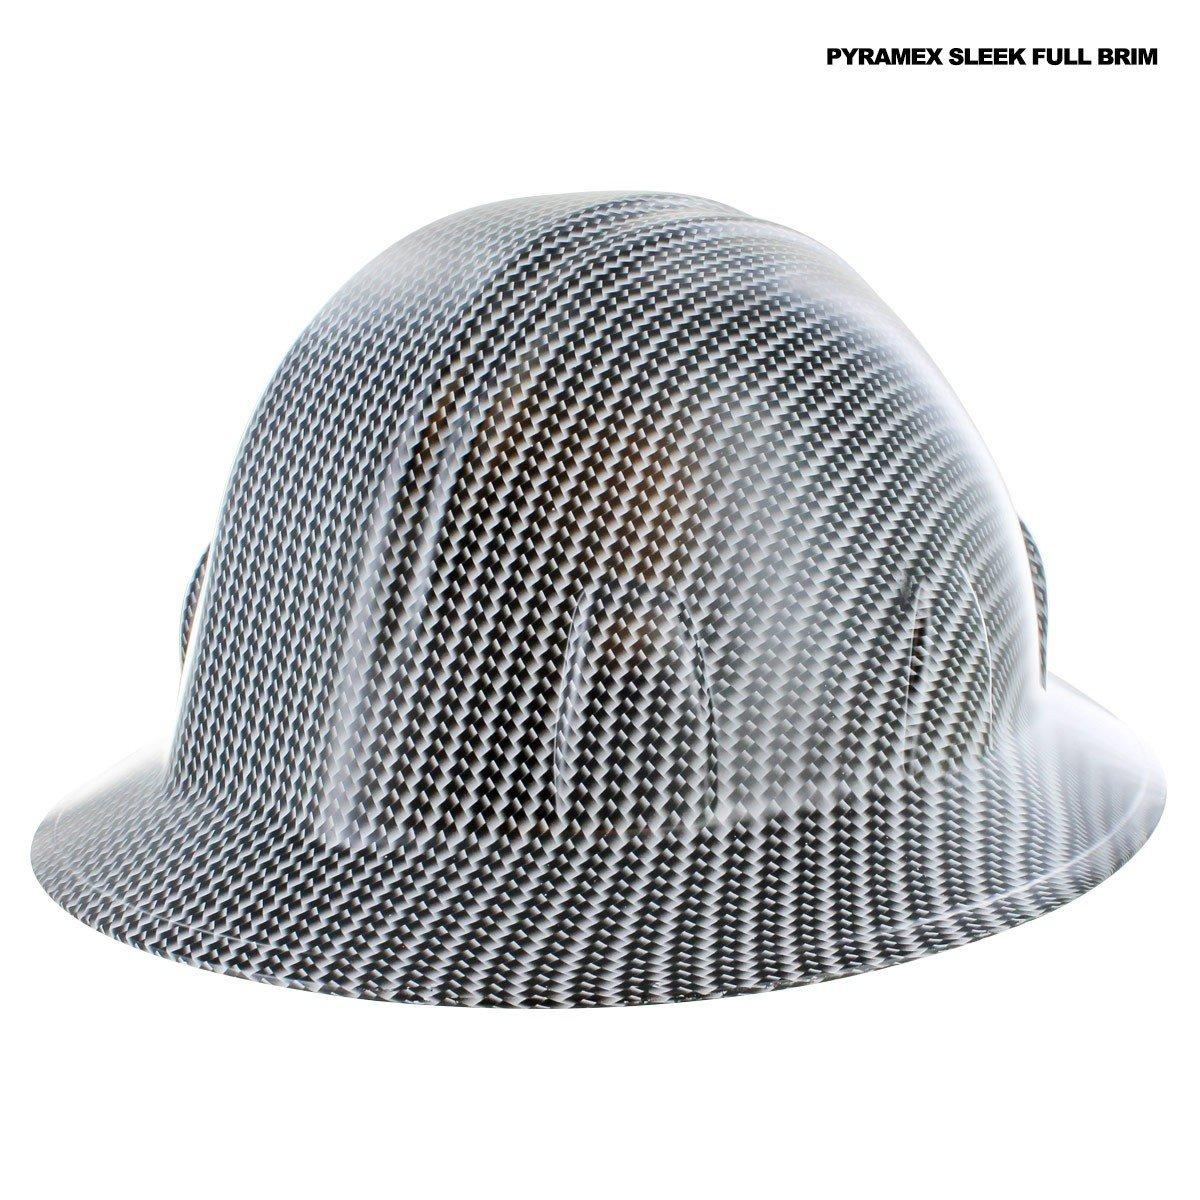 Full Brim Hard Hats Carbon Fiber